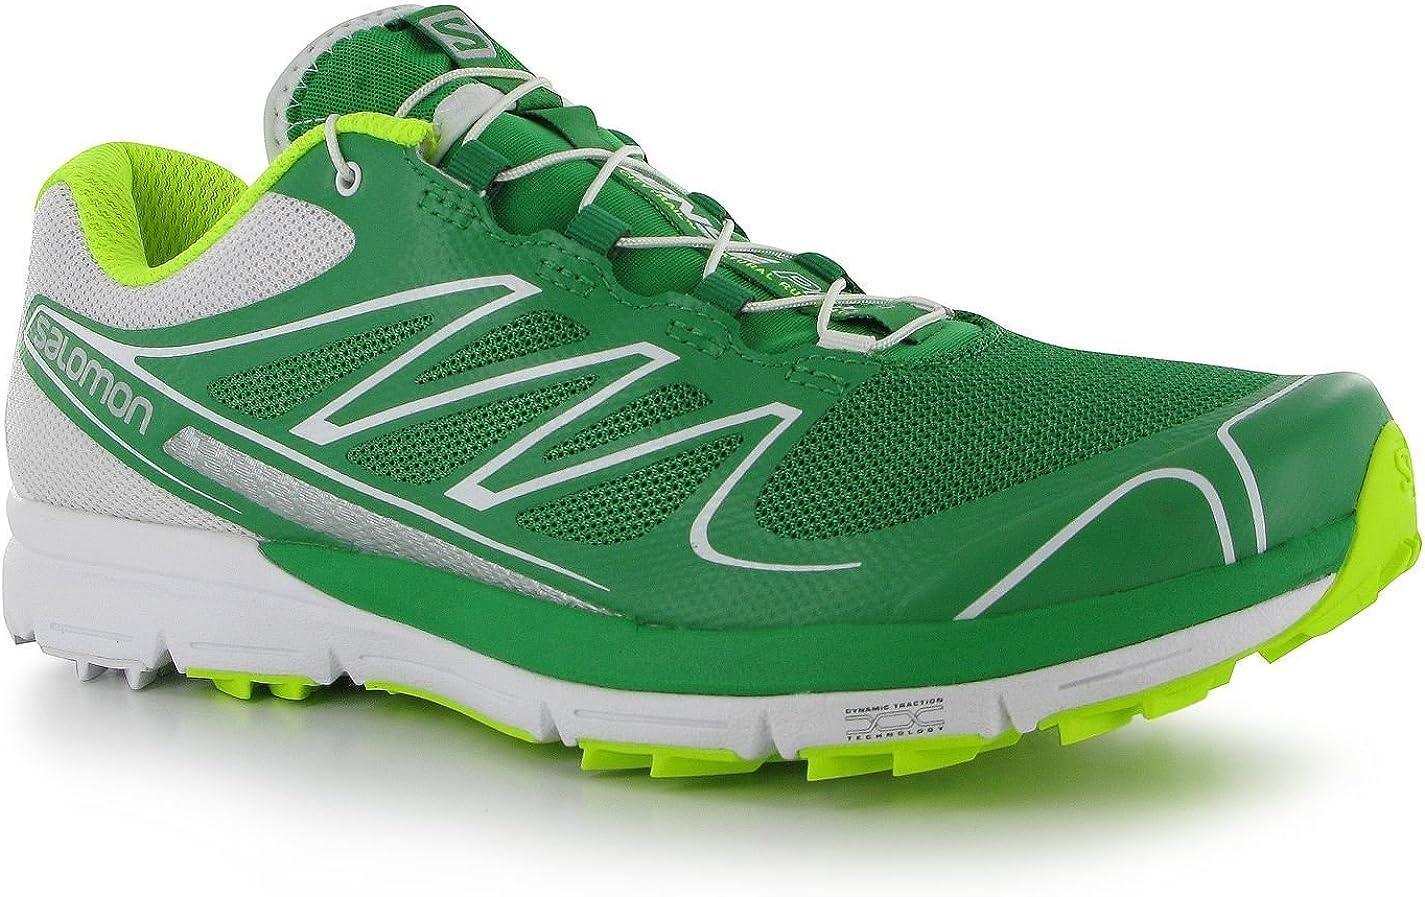 Salomon - Zapatillas de Running para Hombre Green/Wht/Yell, Color Verde, Talla 11 UK: Amazon.es: Zapatos y complementos